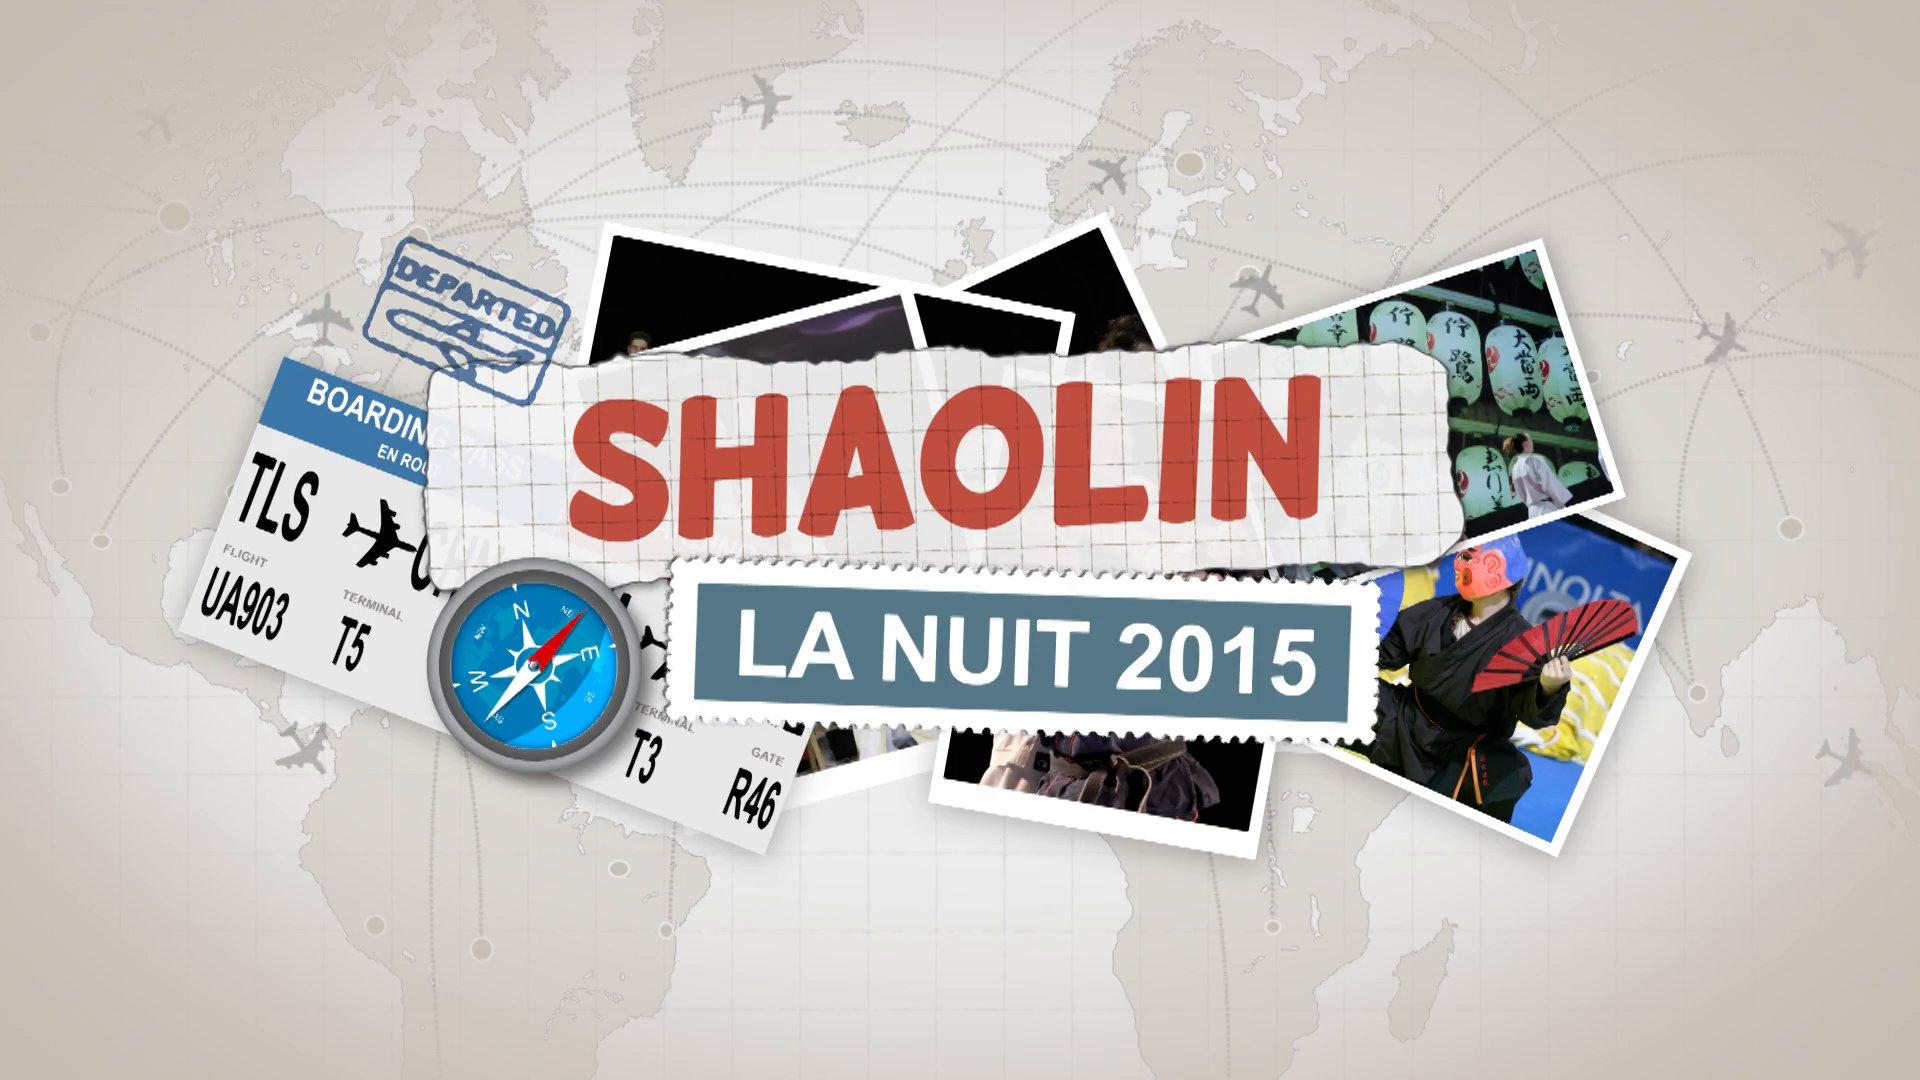 nuit du shaolin 2015 la vidéo